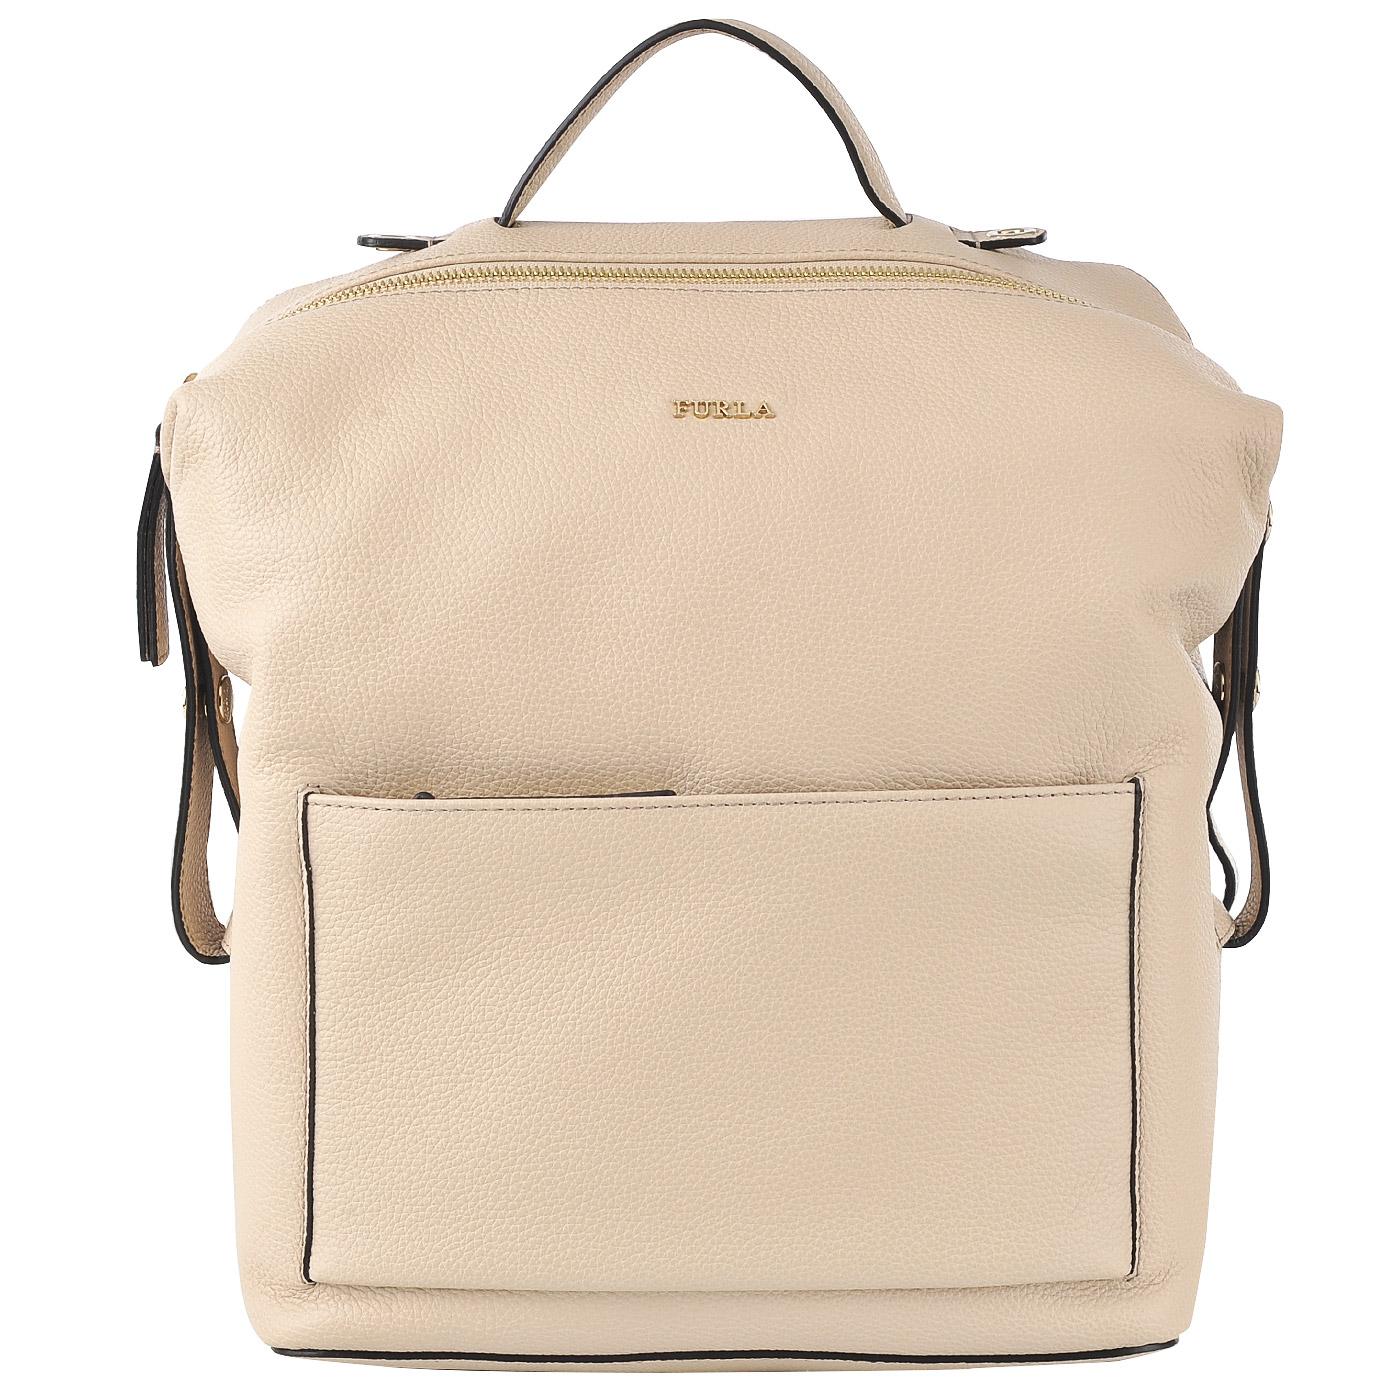 Кожаный рюкзак Furla Dafne BJT4 acero - 2000557707689 бежевый ... 55f95d1faf3